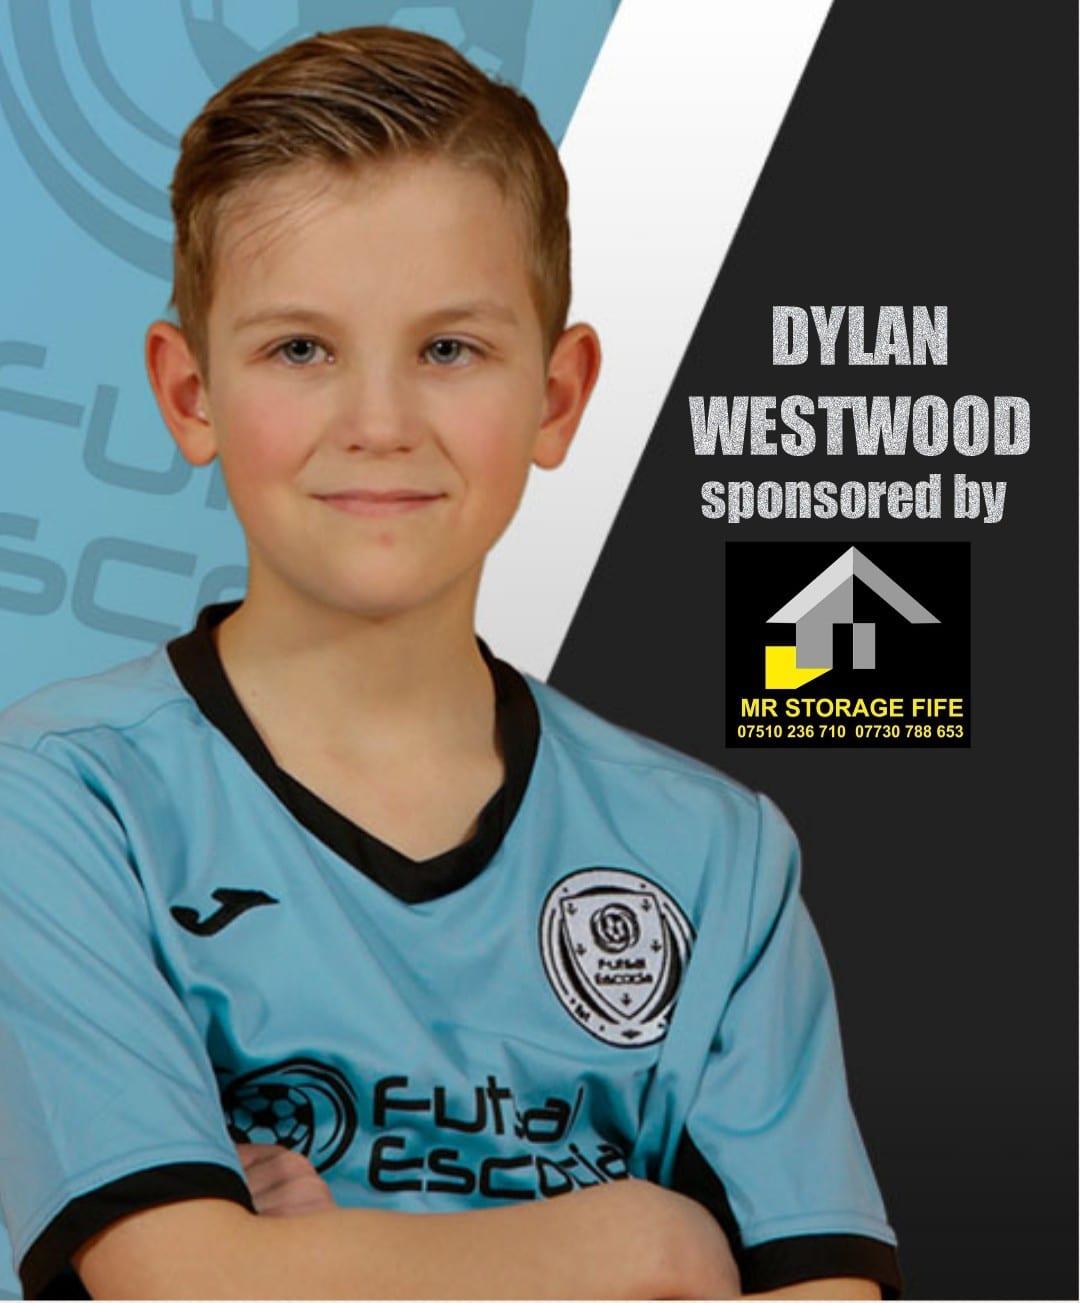 Dylan Westwood